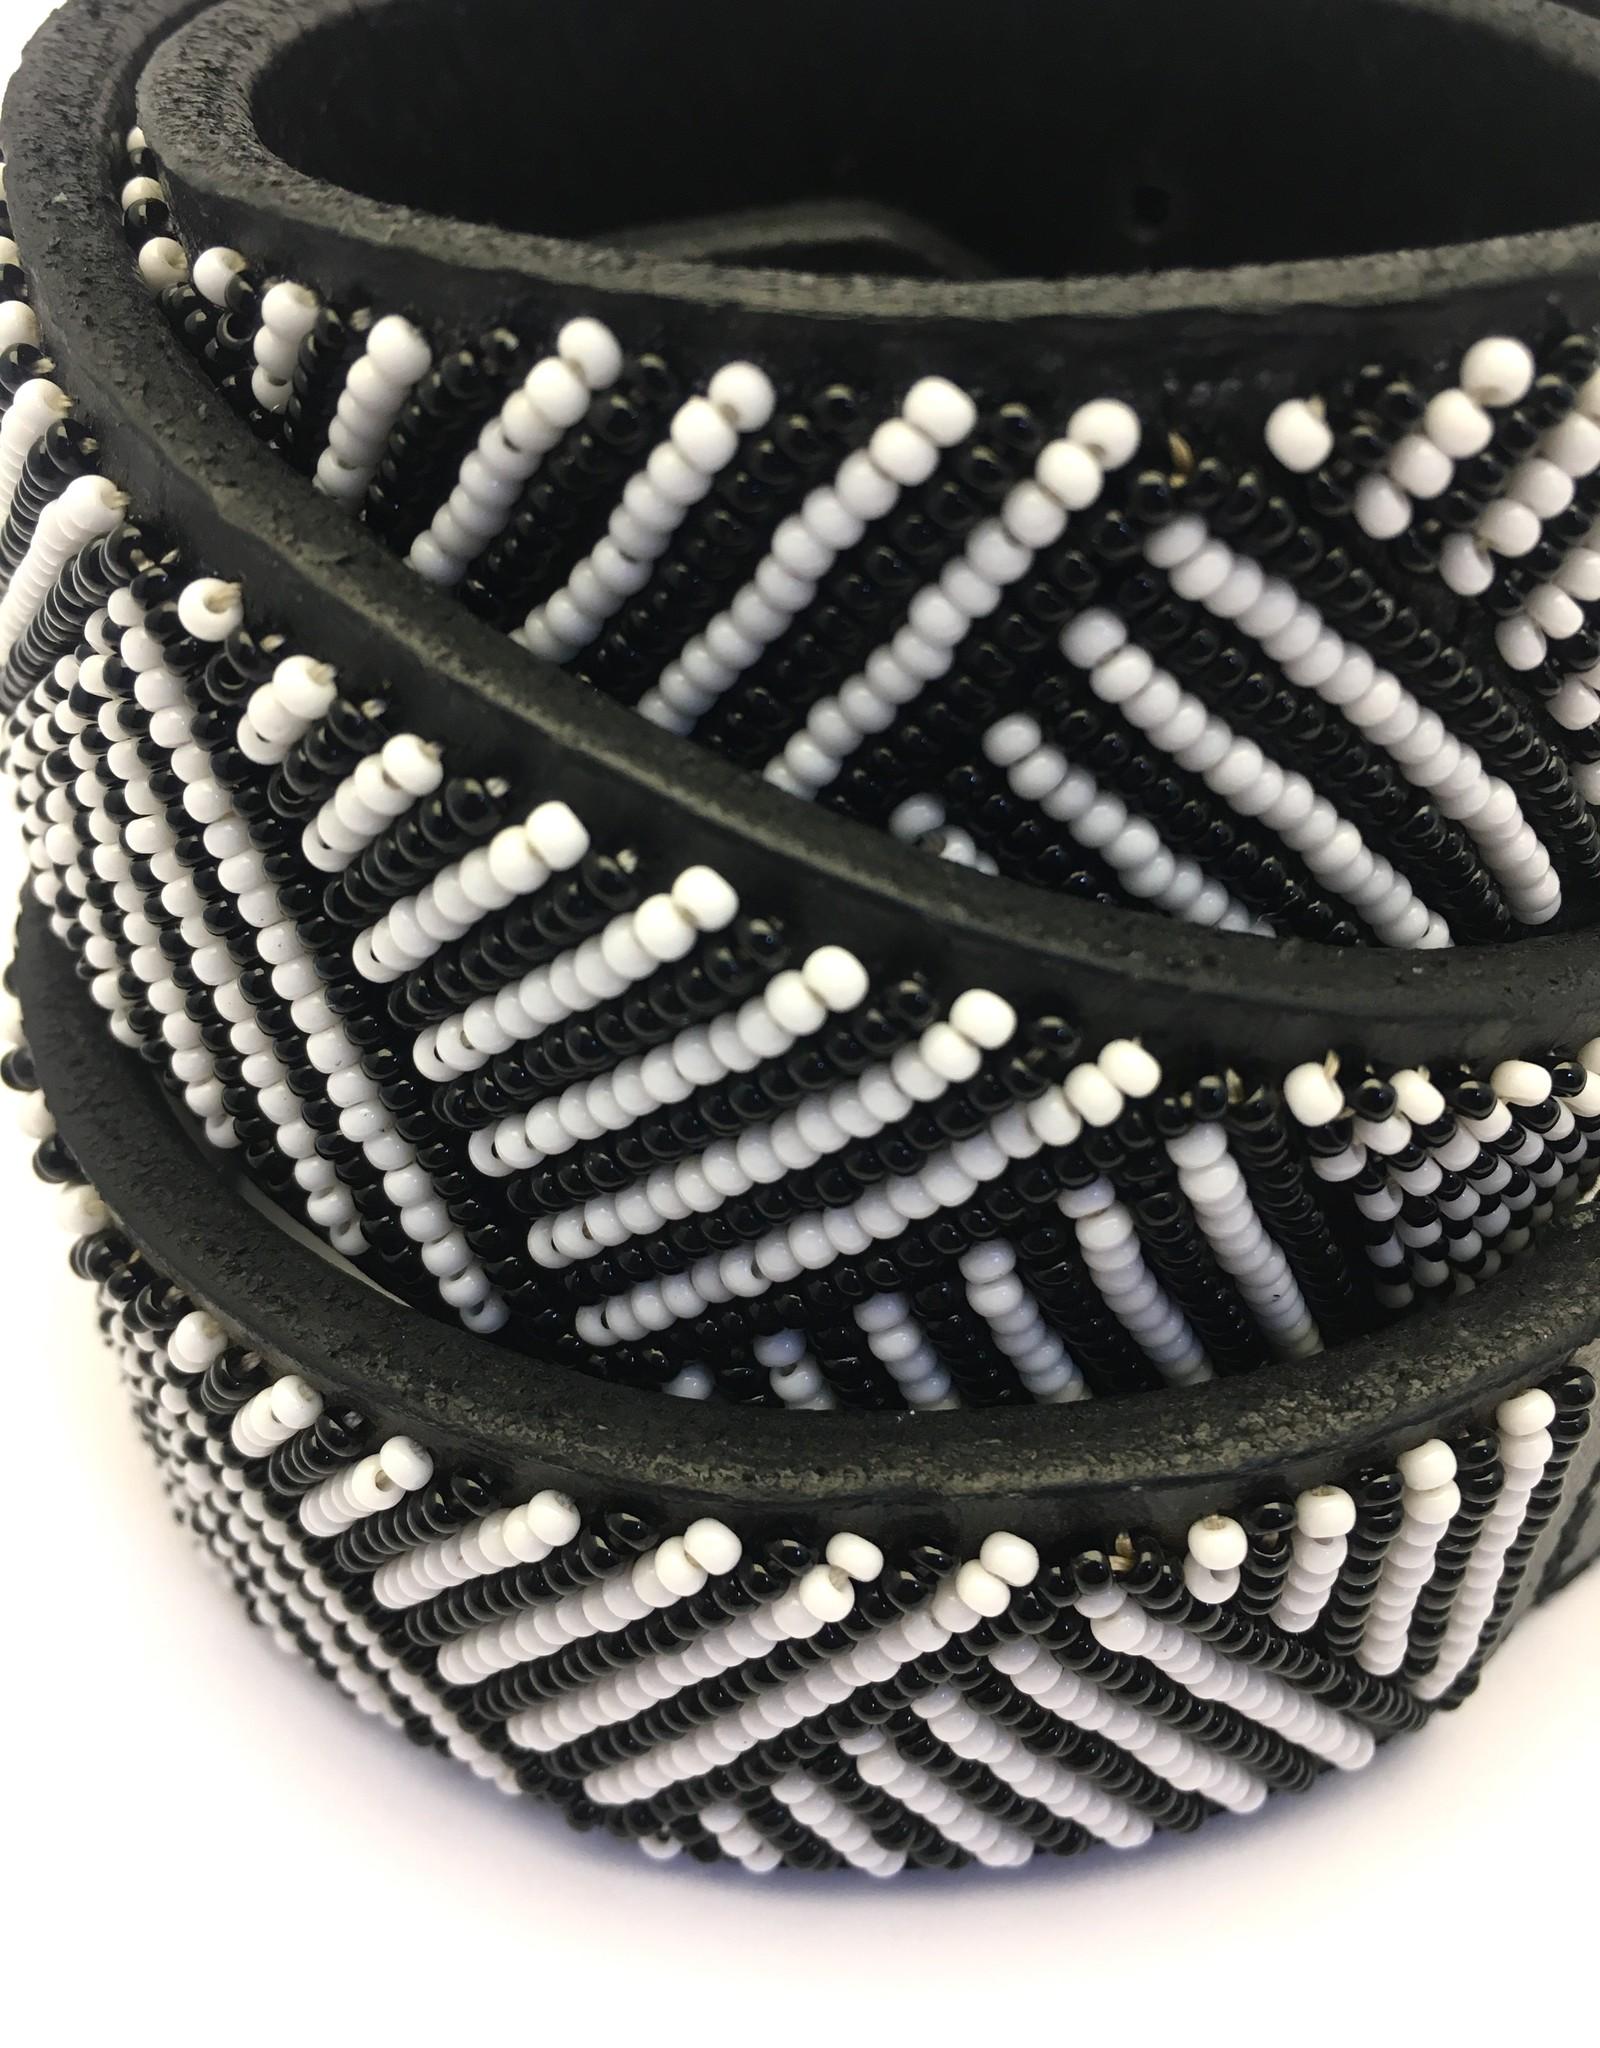 Maisha.Style Belt for Elisa - black leather Maasai belt with black and white beads